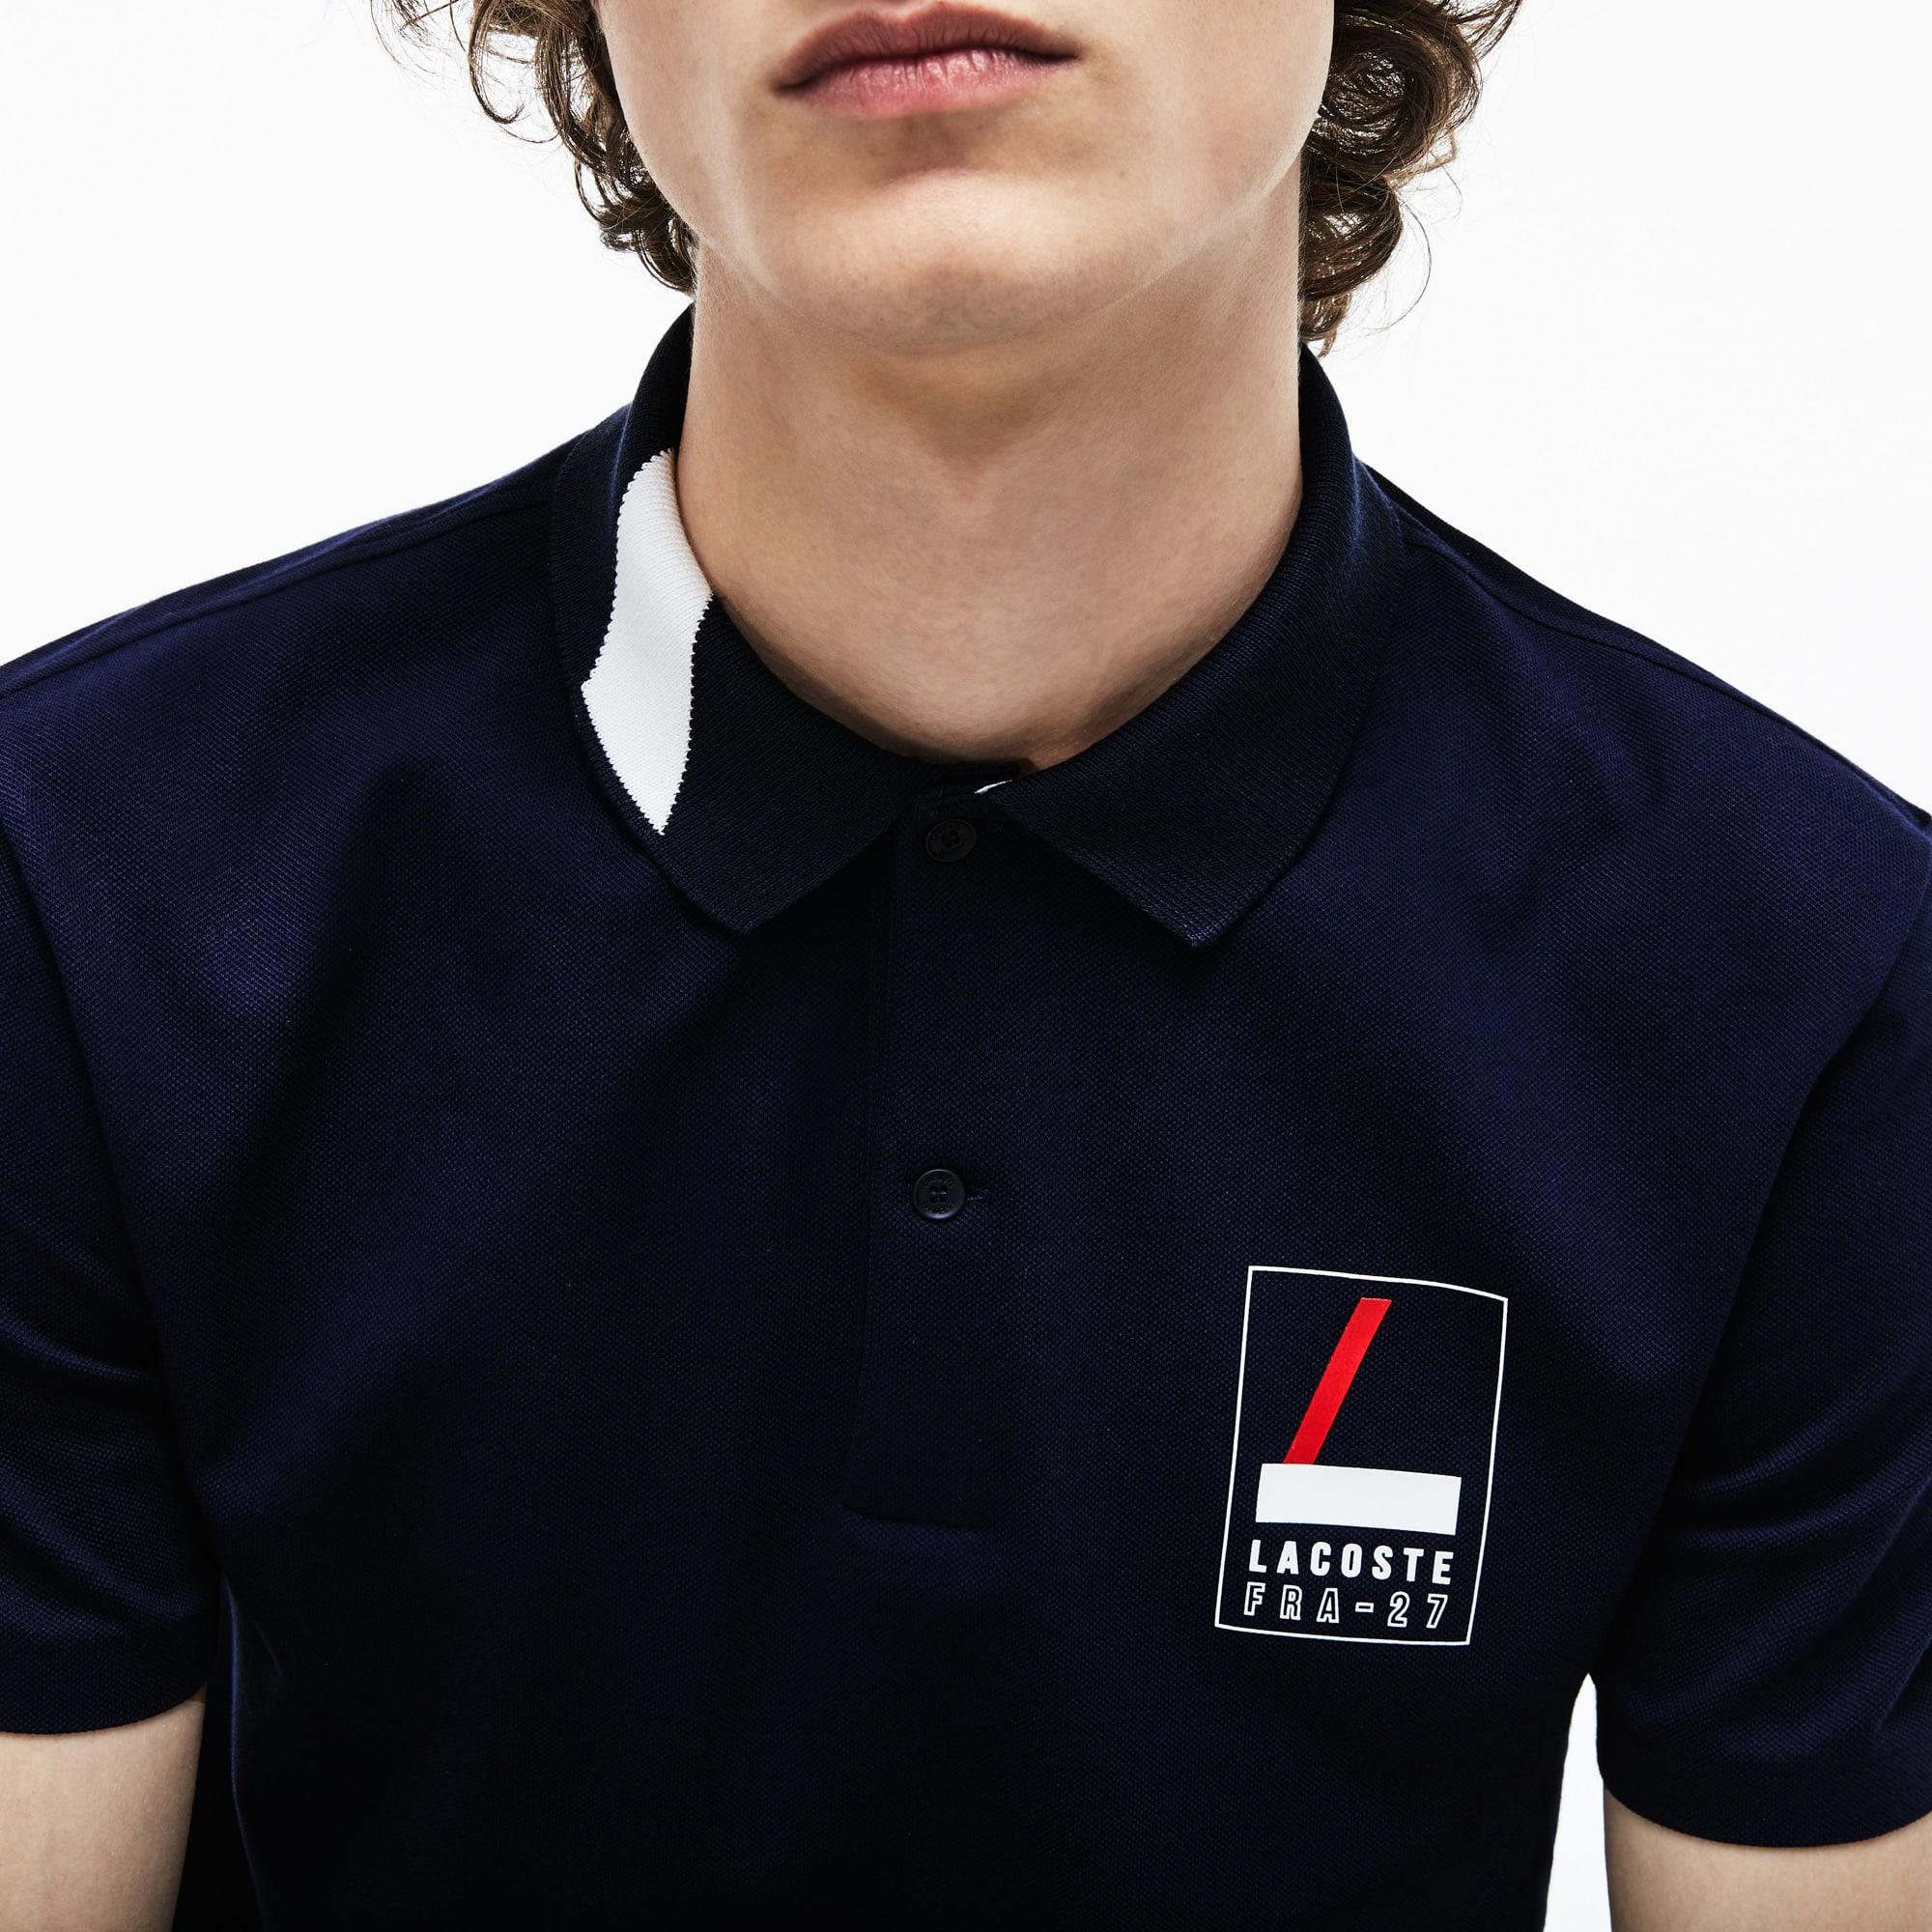 Lacoste - Polo De Hombre Lacoste Slim Fit En Mini Piqué Elástico Con Inscripción - 6